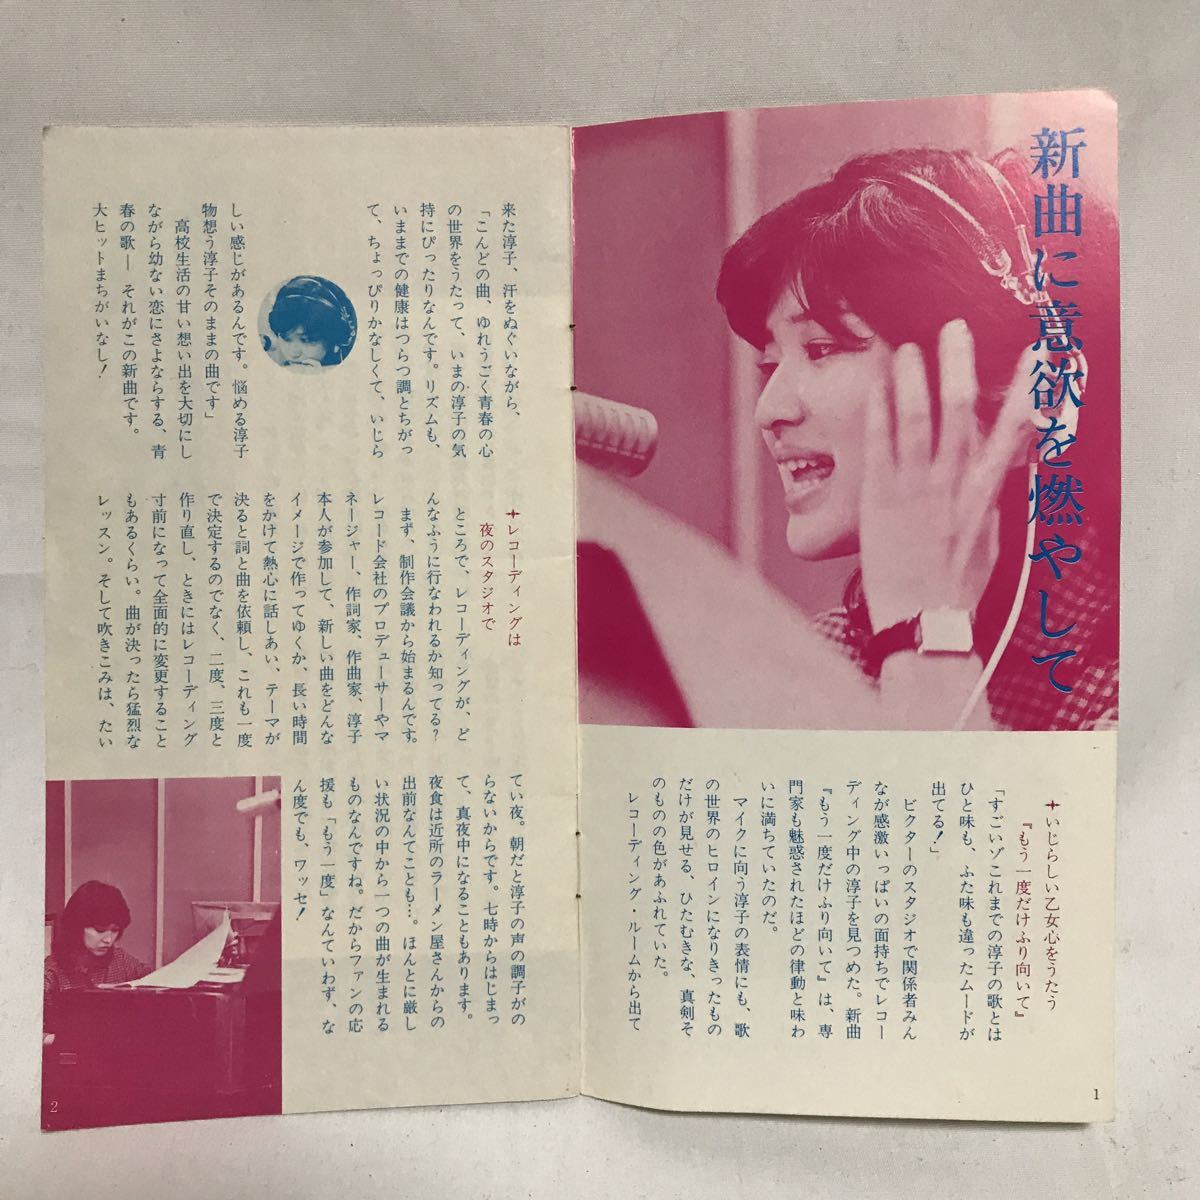 桜田淳子ファンクラブ会報誌/さくらんぼNo.21★黒昭和51年(1976年)発行 _画像2